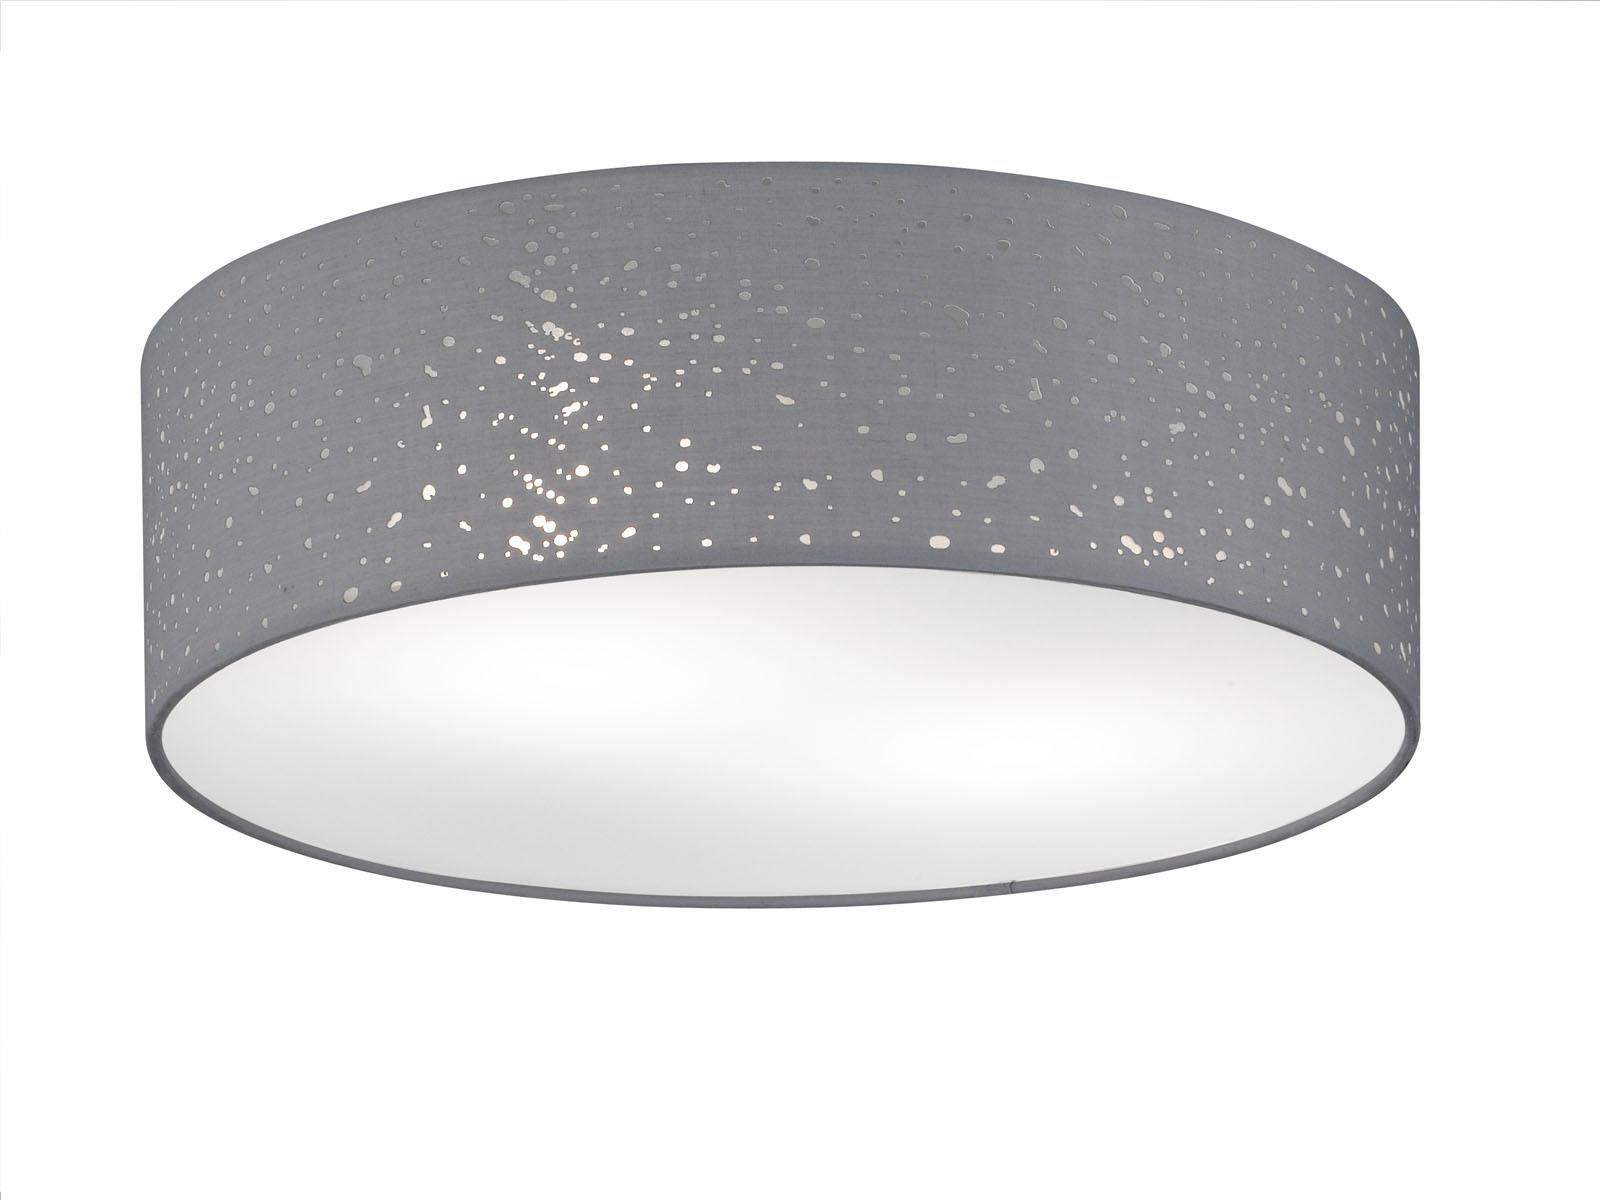 LED Deckenleuchte Ø 40cm Stoffschirm grau mit Dekor, Deckenlampe ...